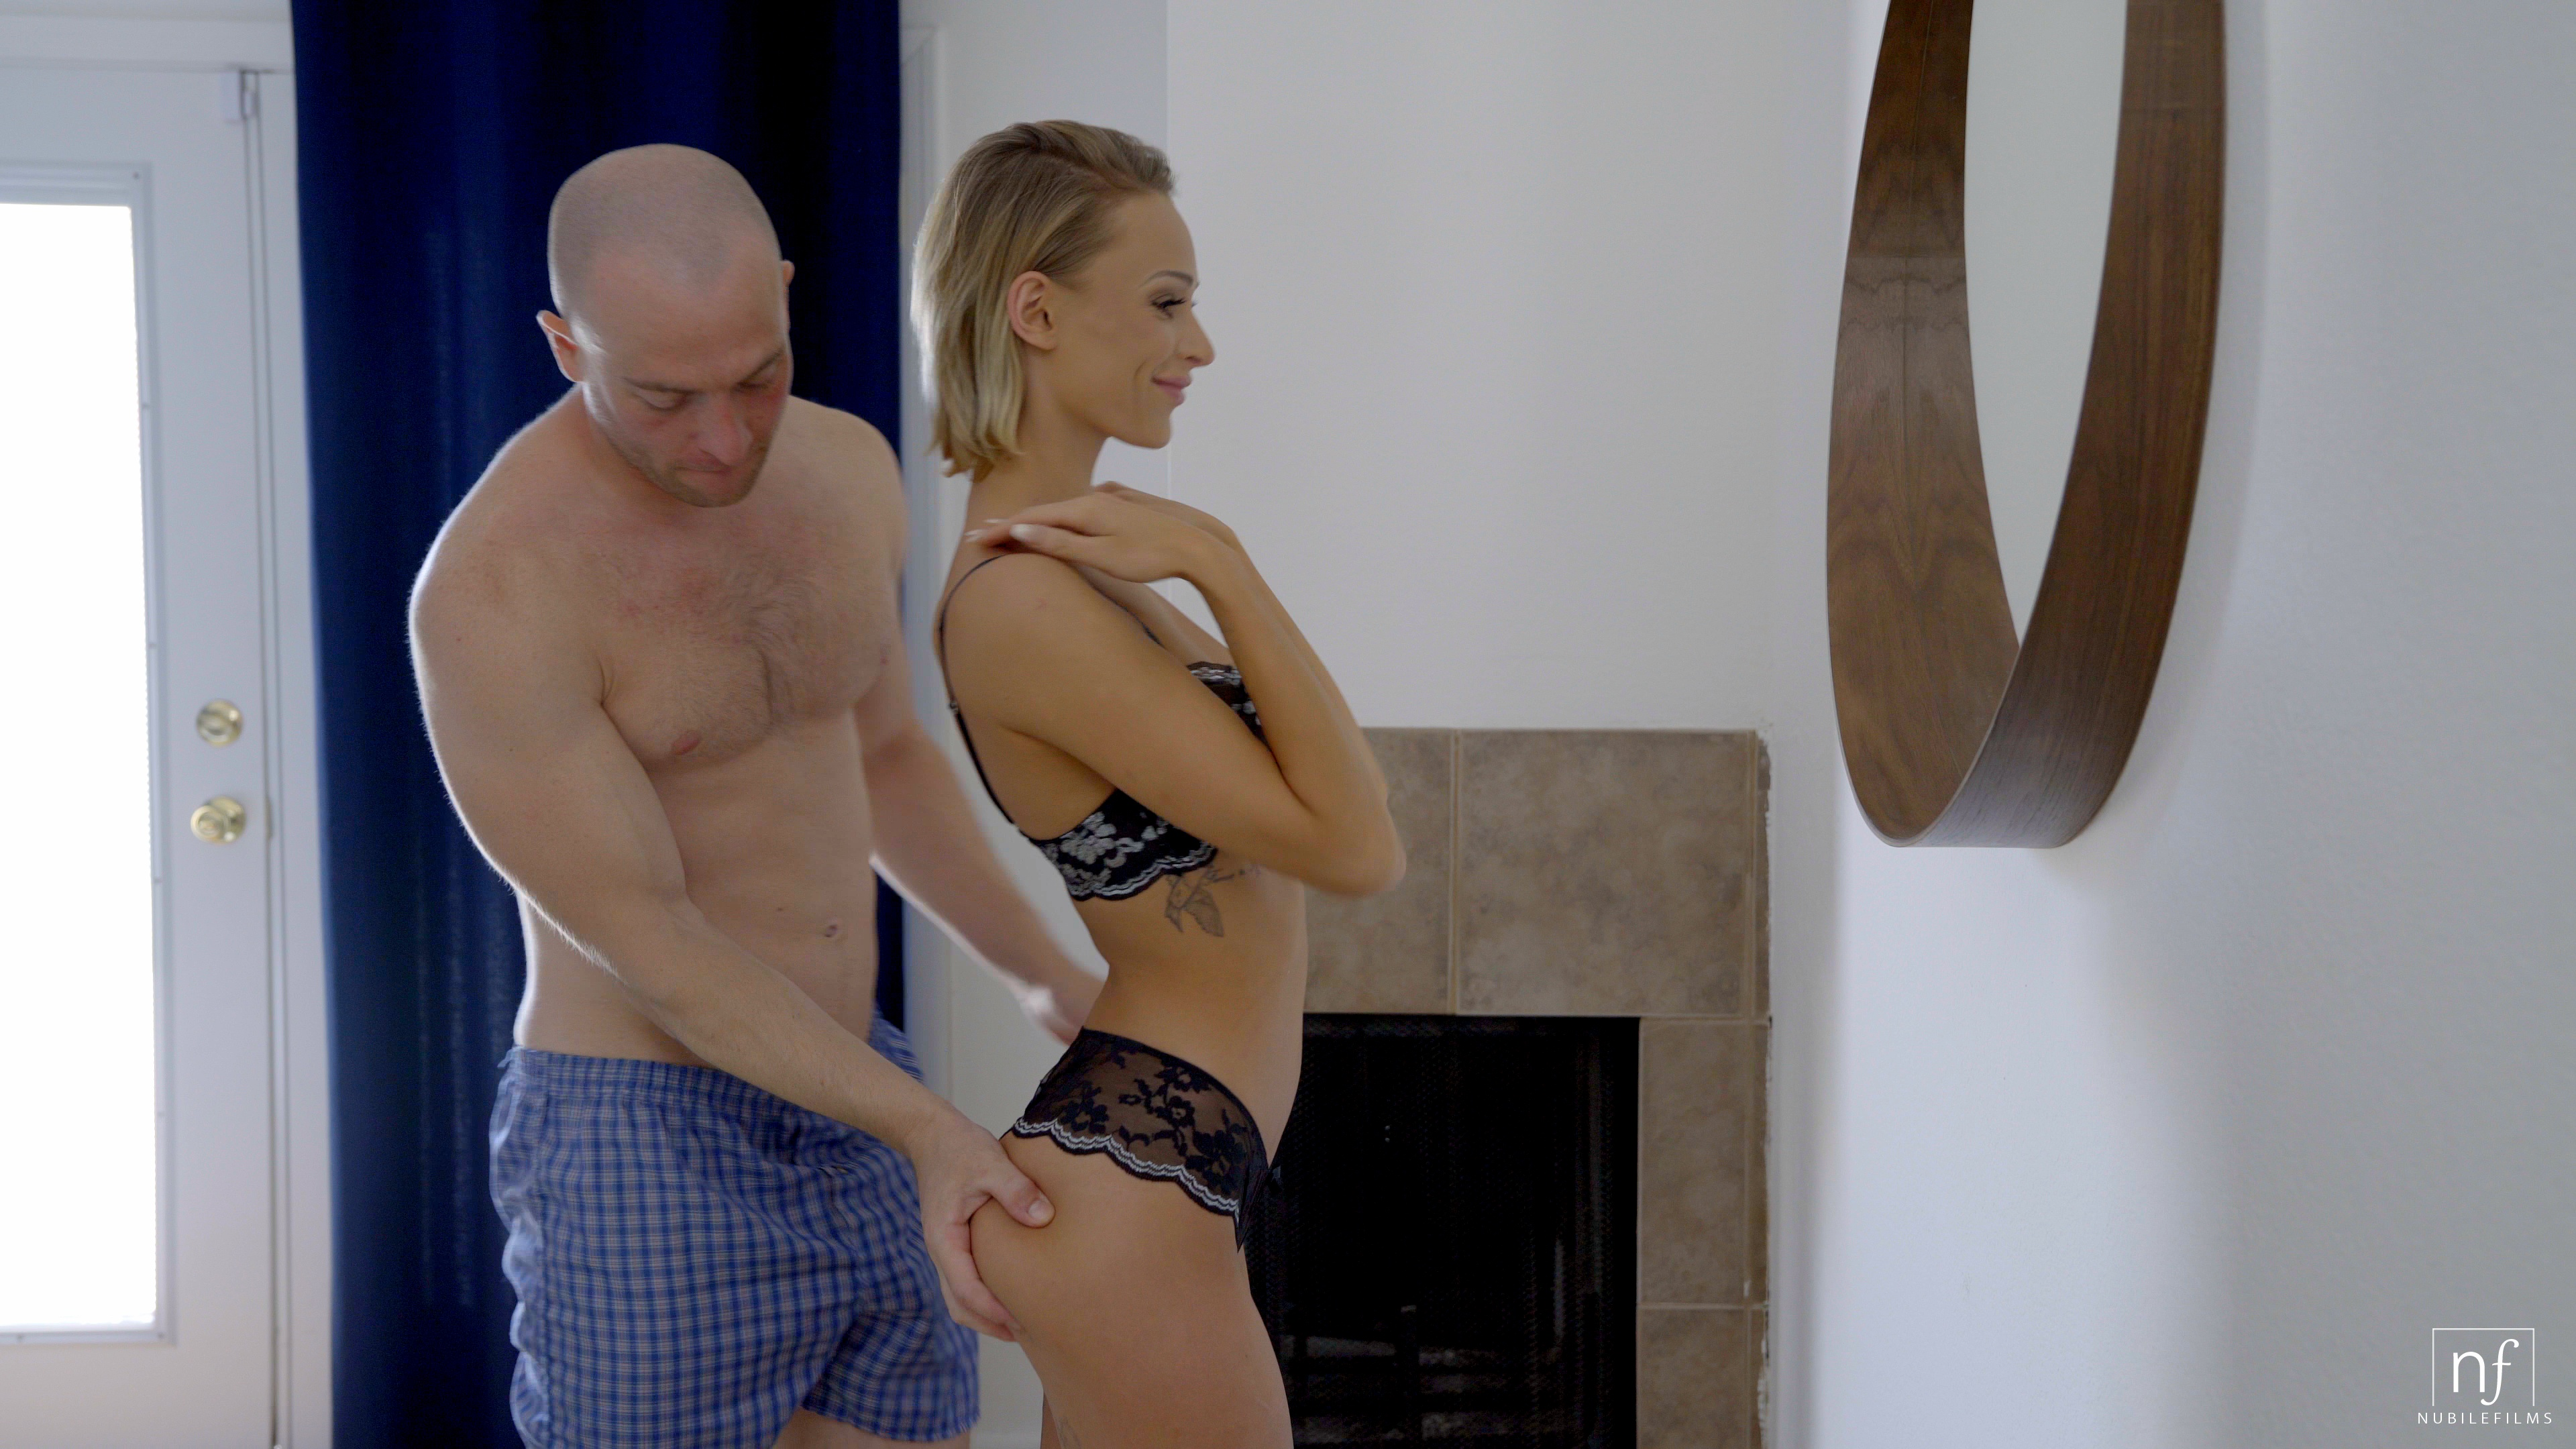 NubileFilms.com - Emma Hix,Zac Wild: Cum Before You Go - S32:E14